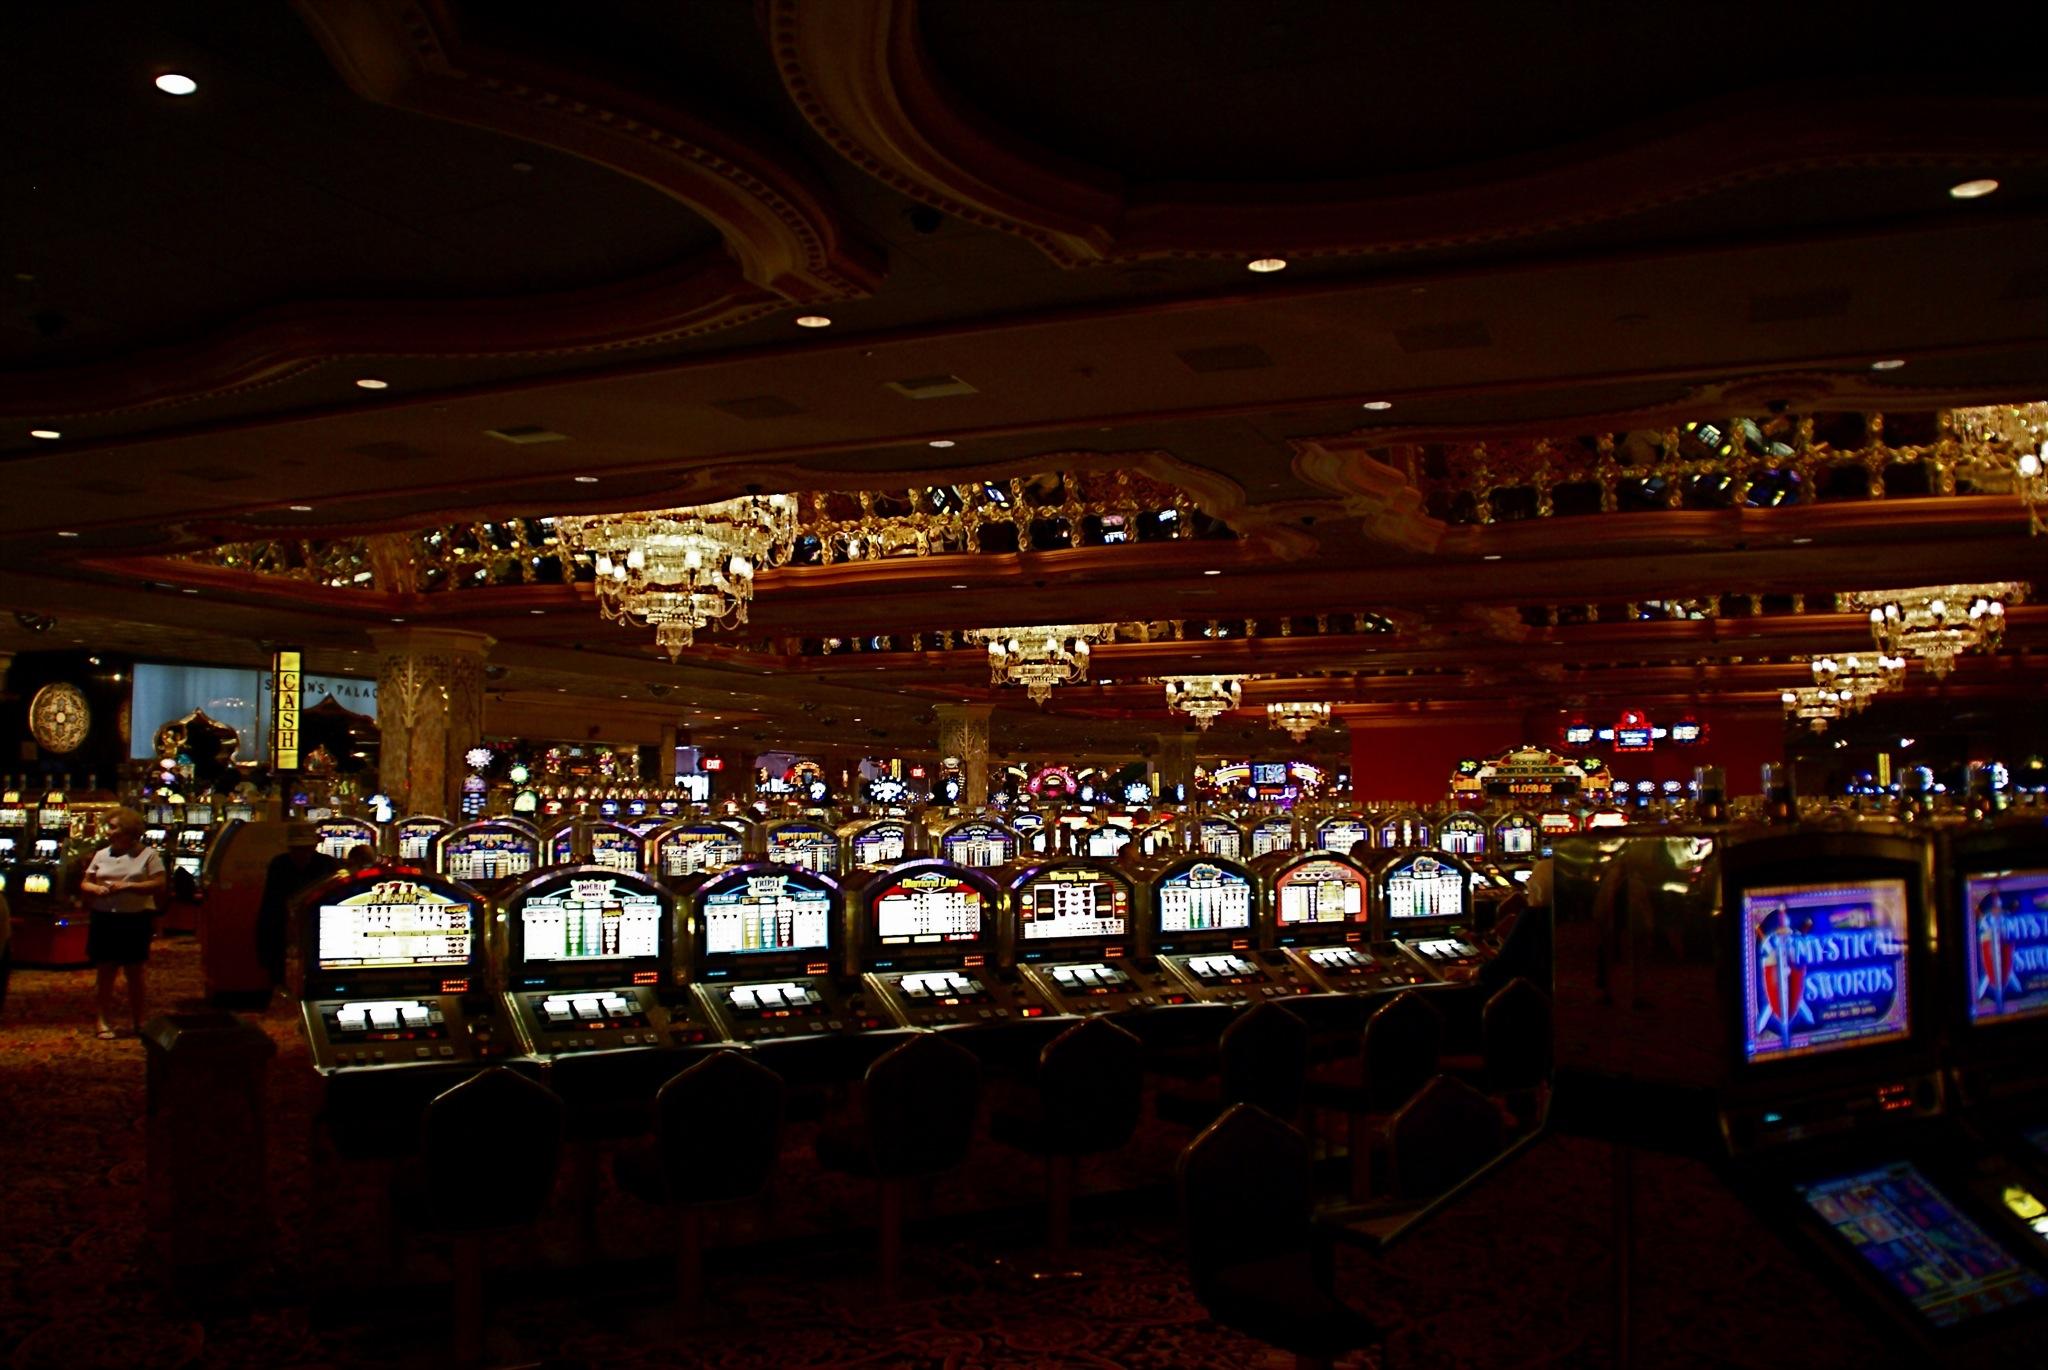 официальный сайт 23 казино х ком играть автоматы